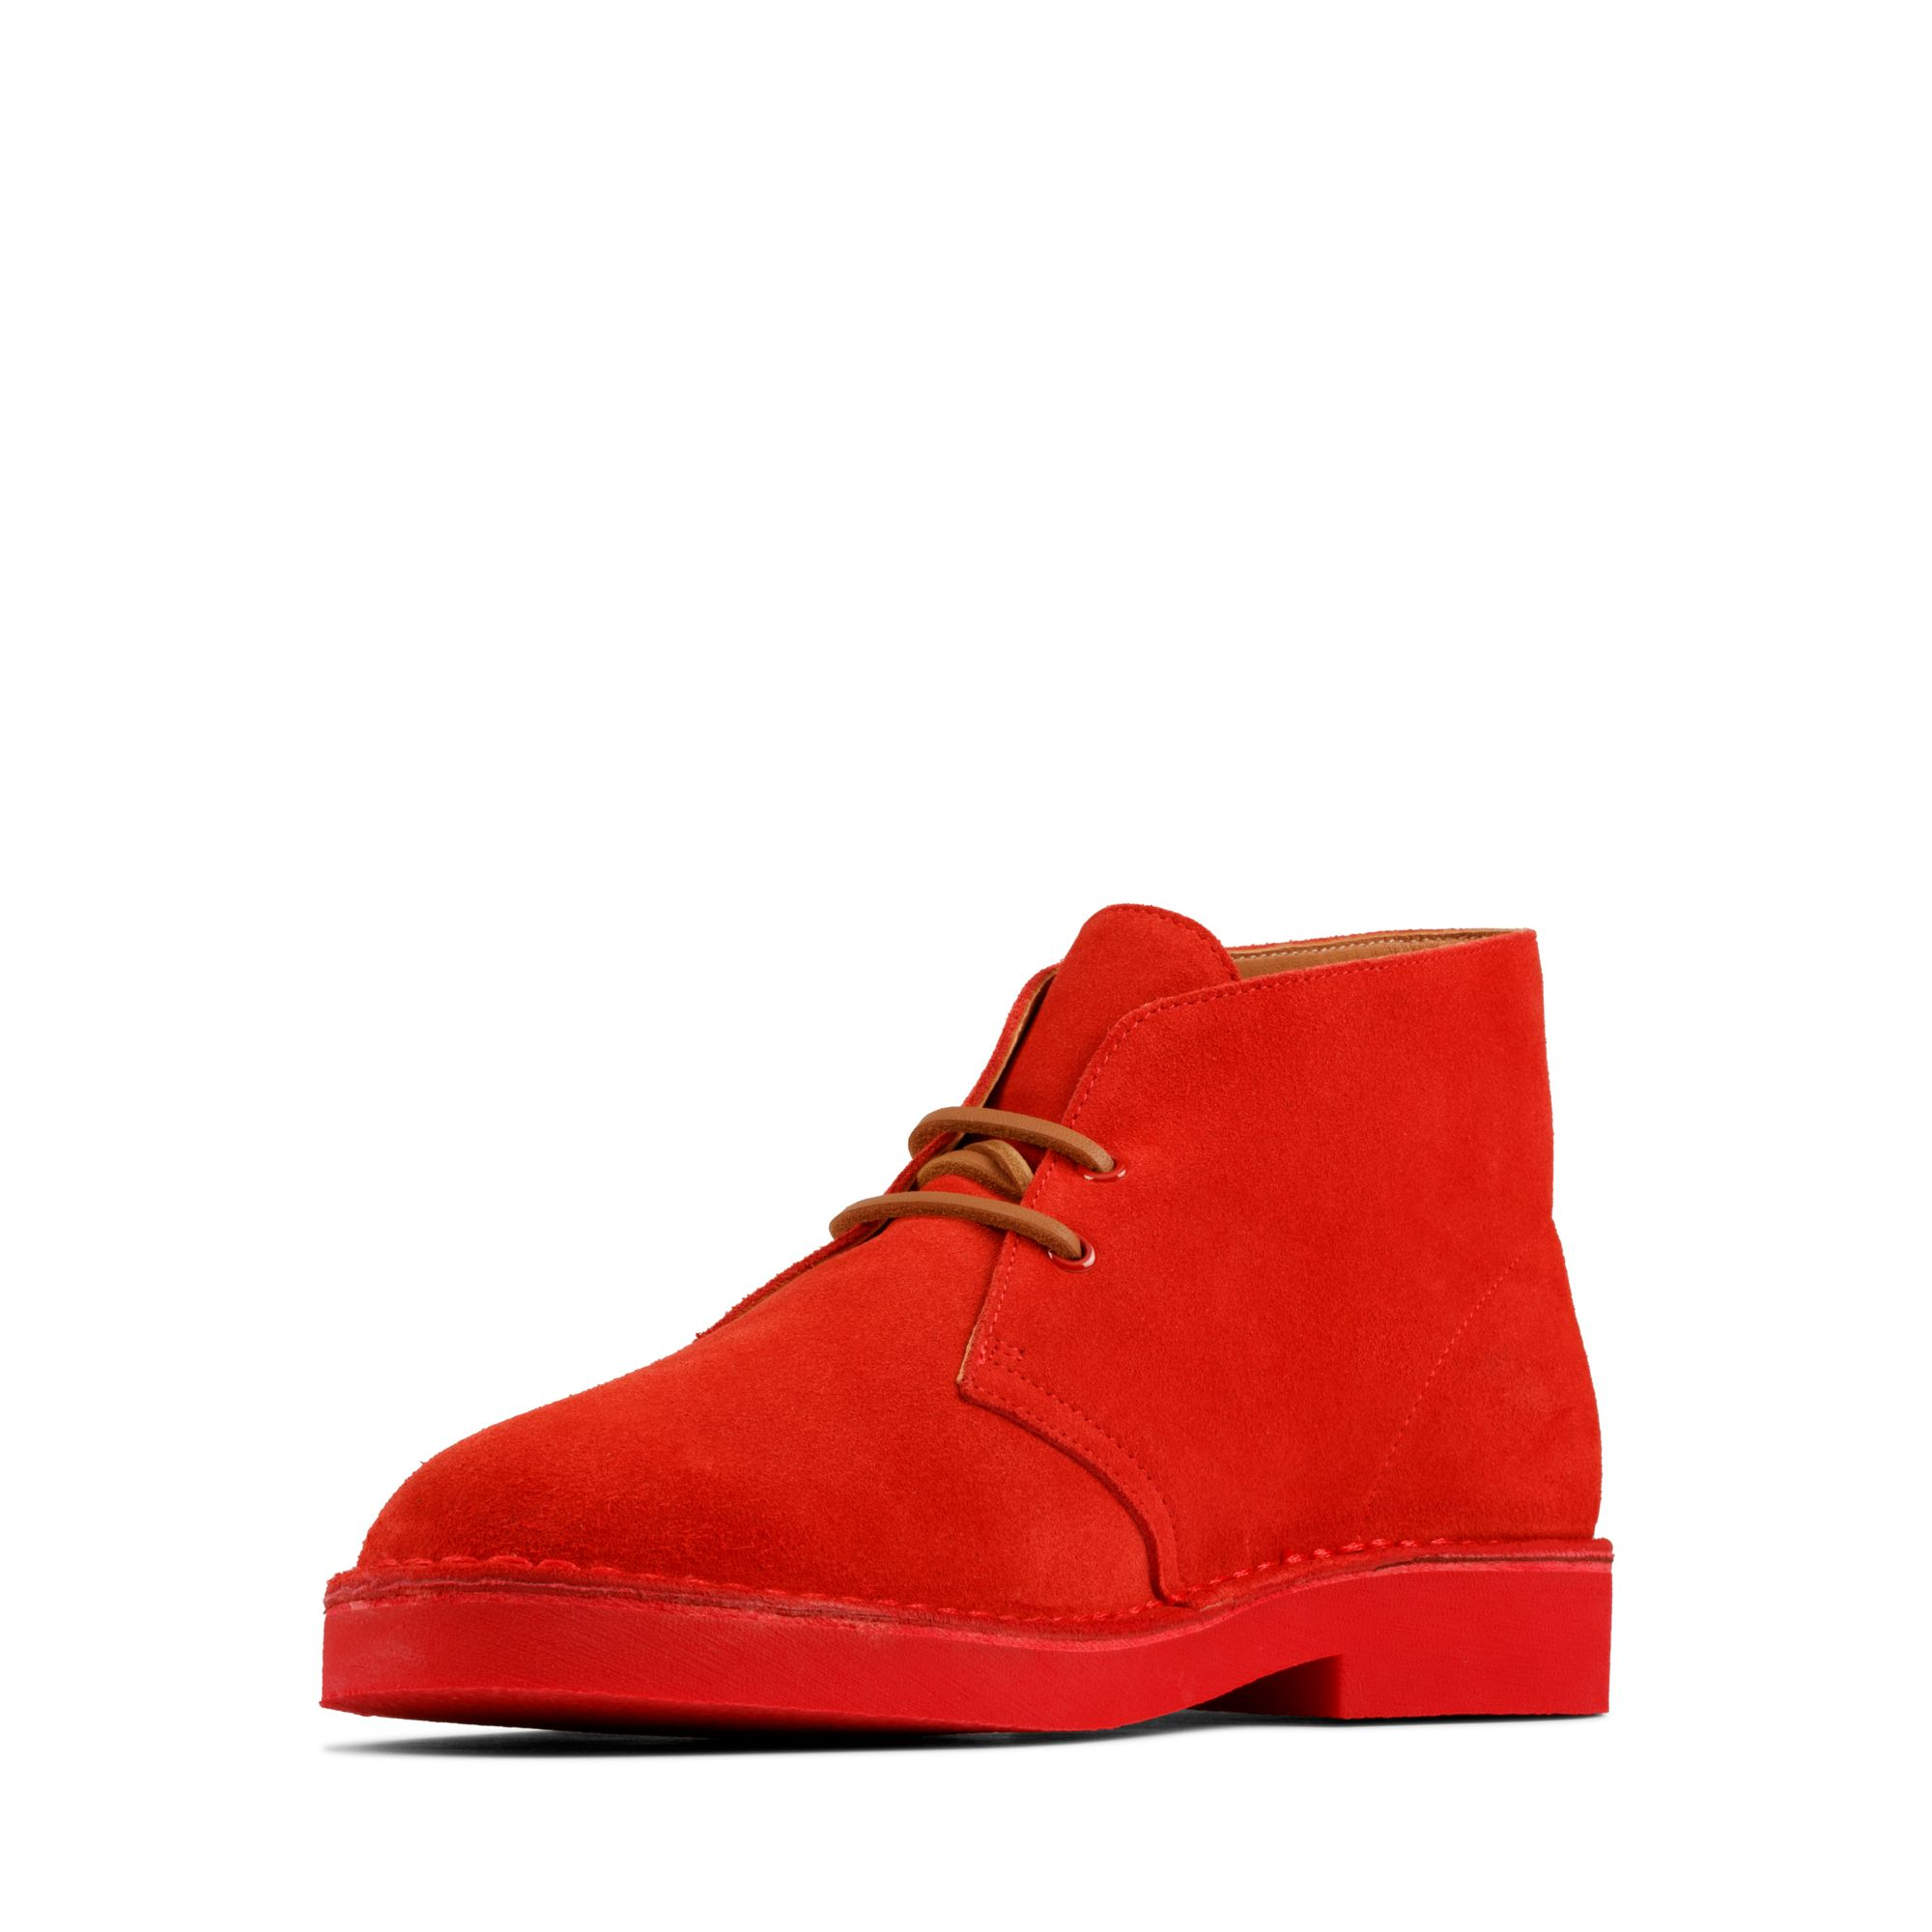 Мъжки ежедневни обувки Clarks Desert Boot 2 от велур червени - снимка 7